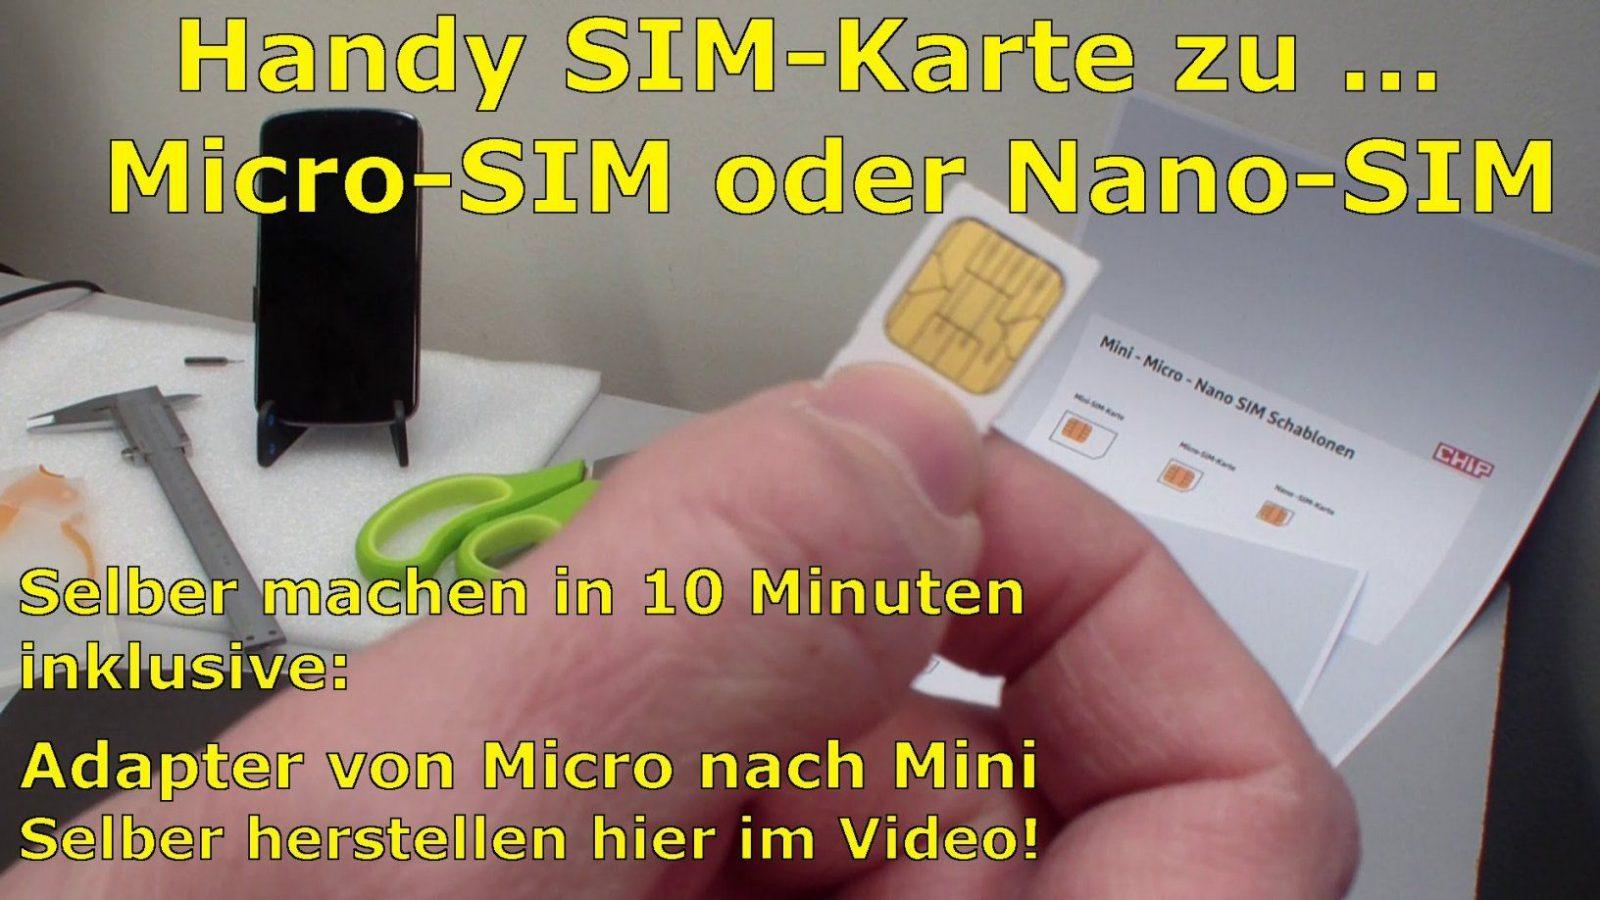 Handy Simkarte Zu Micro  Nano Zuschneiden Und Minisimadapter von Nano Sim Zu Micro Sim Adapter Selber Bauen Bild